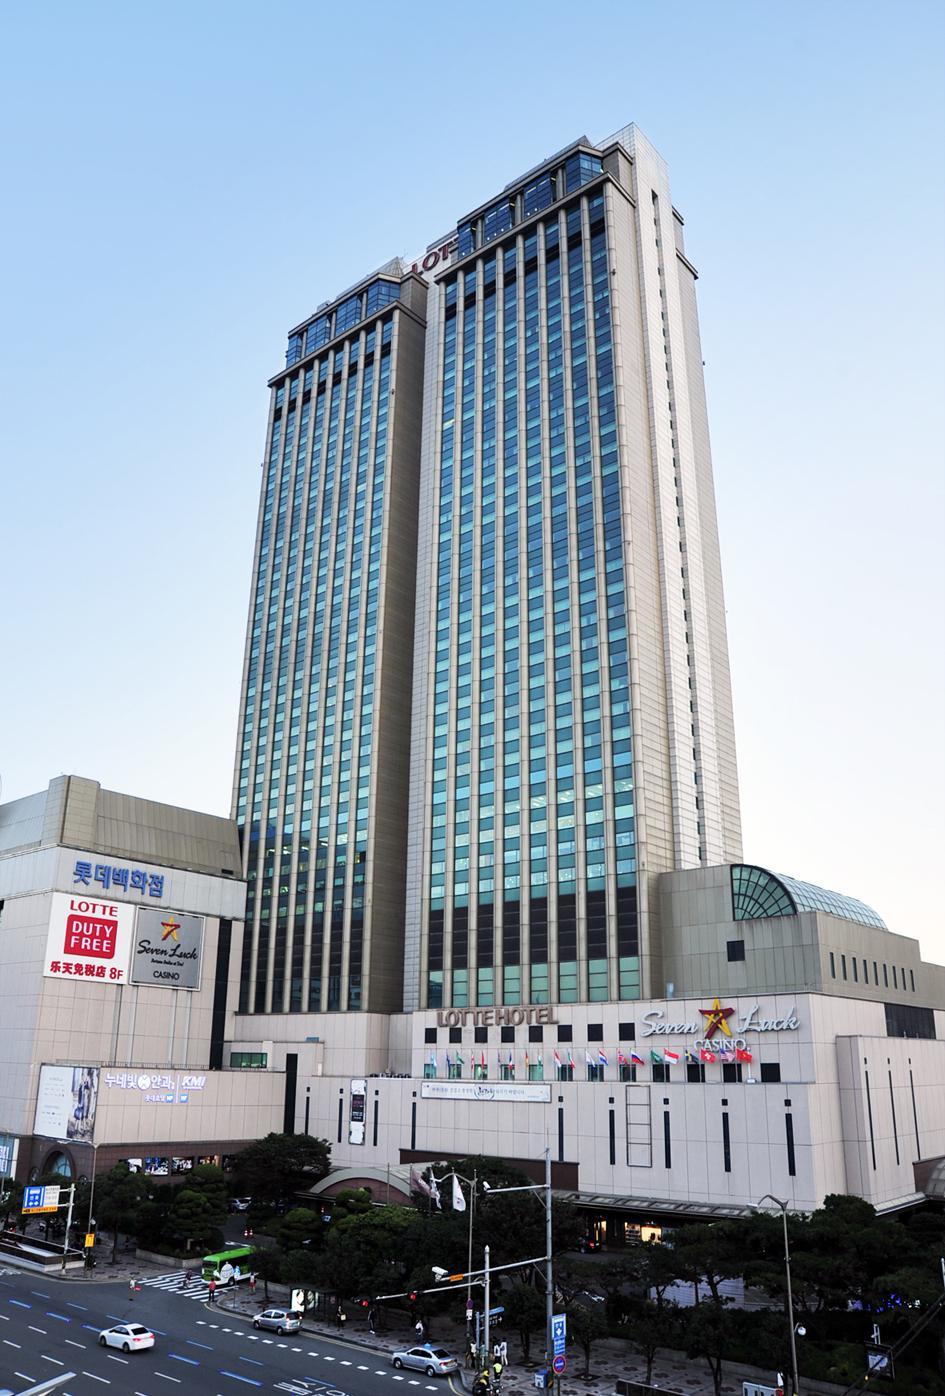 Lotte Hotel Busan(large)